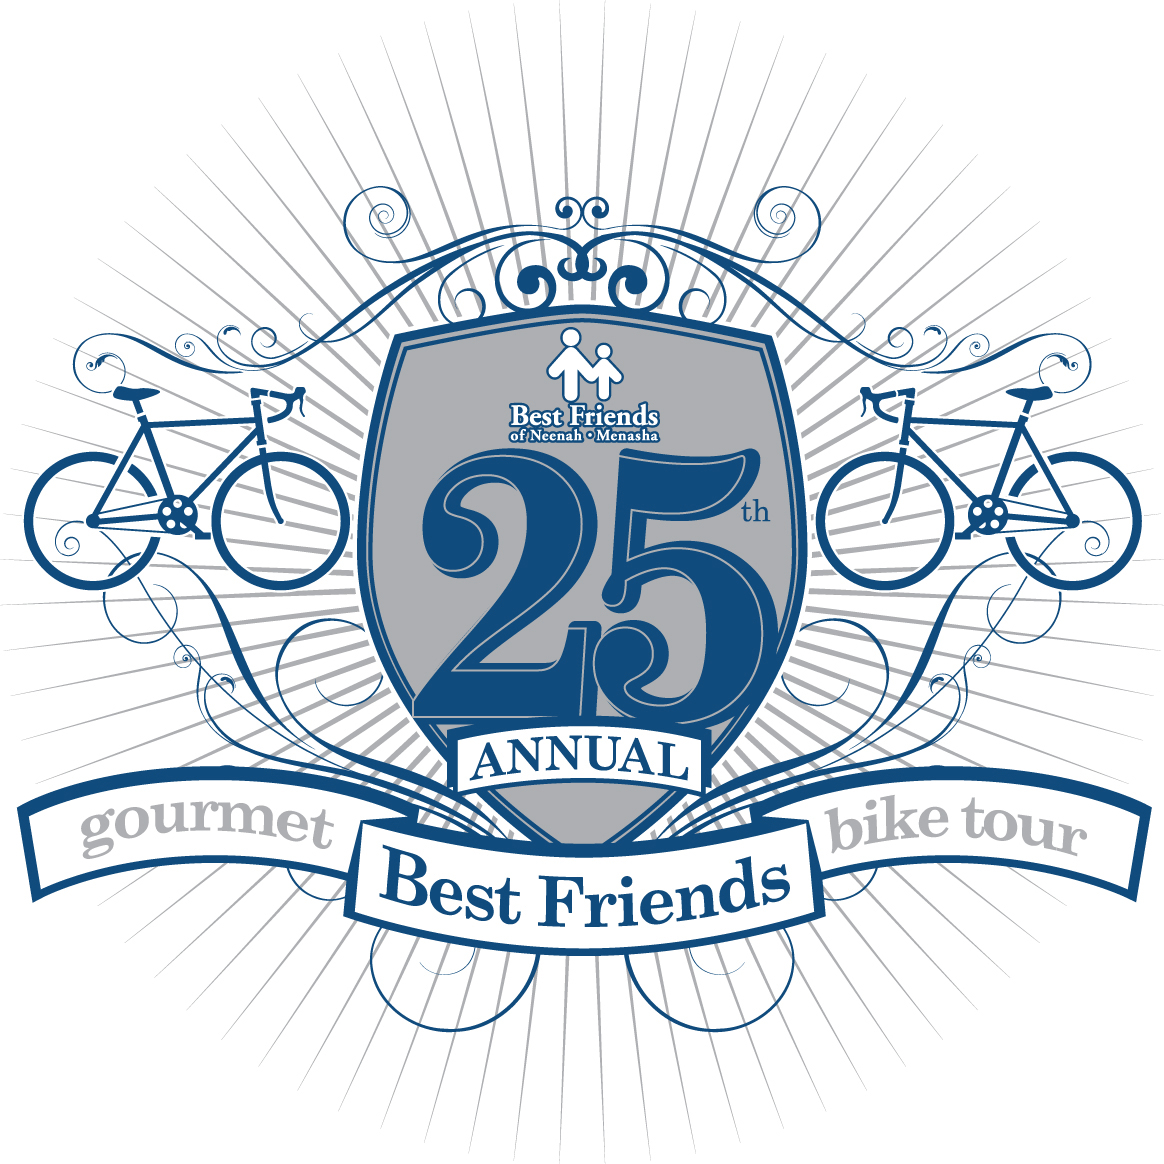 Best Friends Gourmet Bike Tour